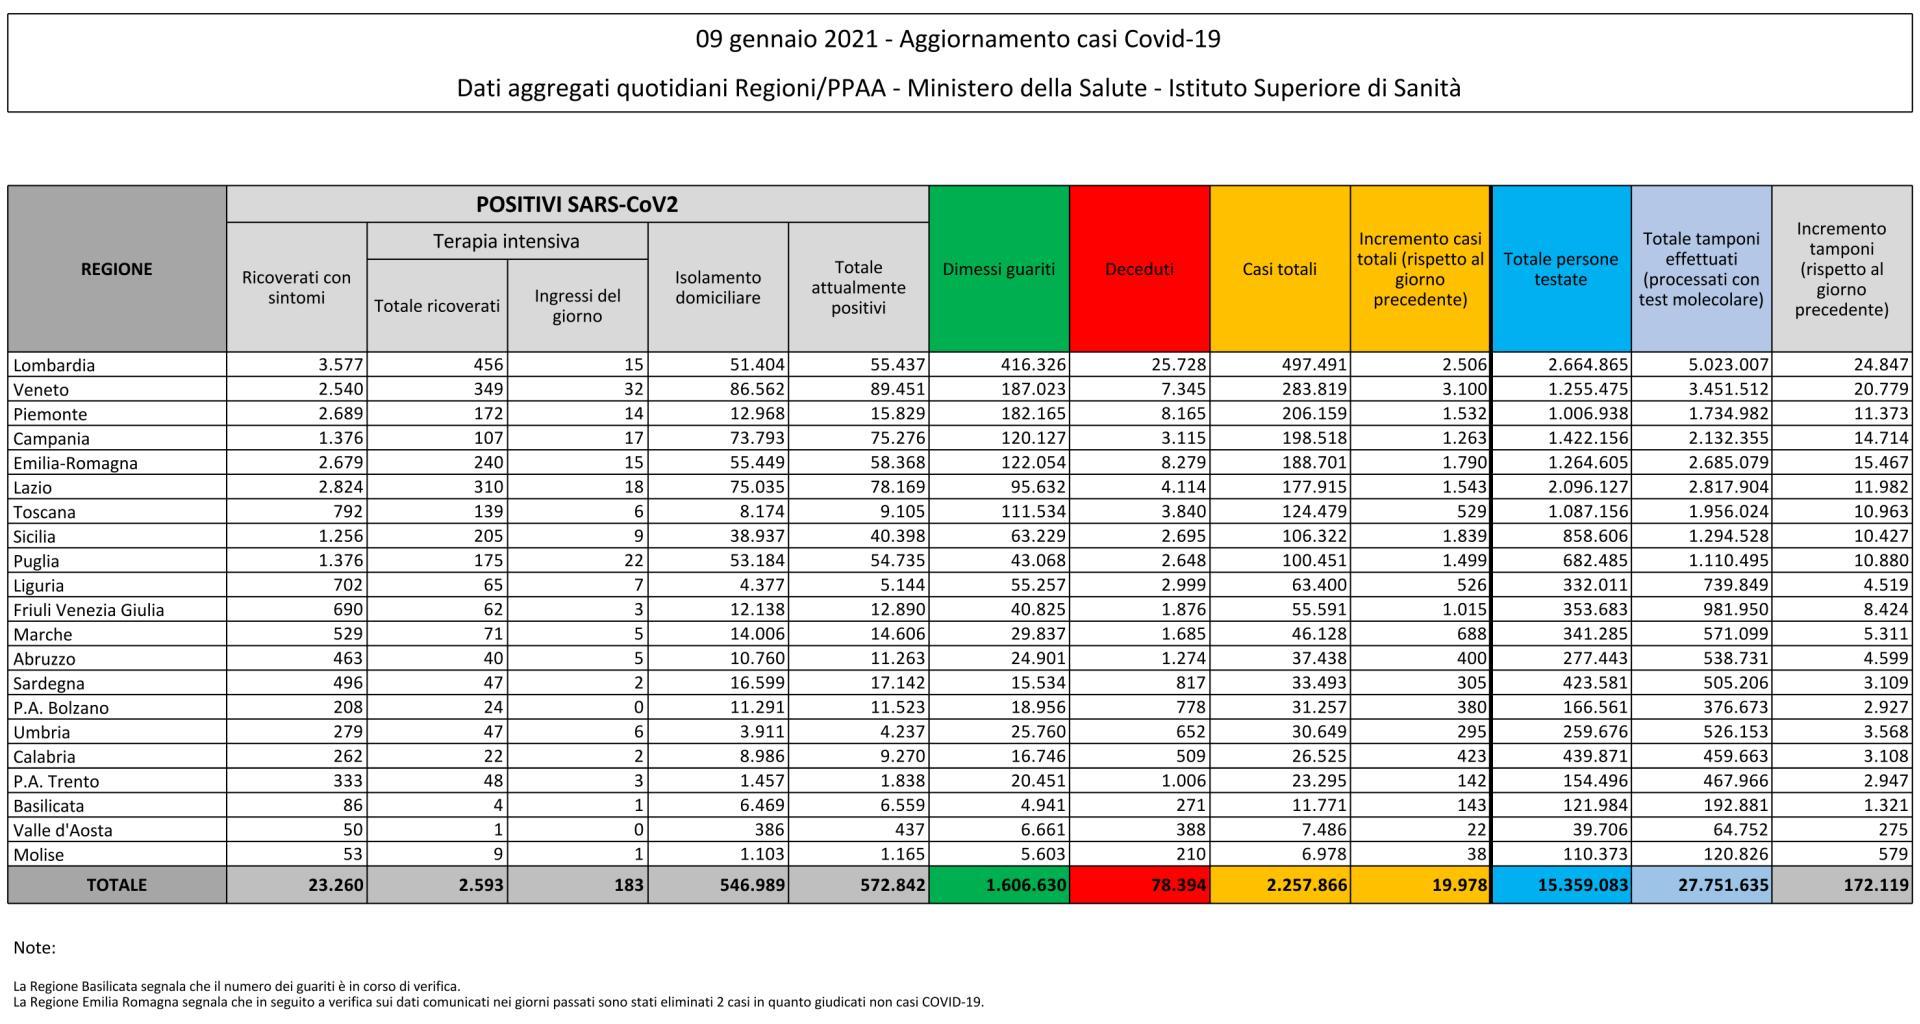 9 gennaio 2021 - Aggiornamento casi Covid-19 Dati aggregati quotidiani Regioni/PPAA - Ministero della Salute - Istituto Superiore di Sanità